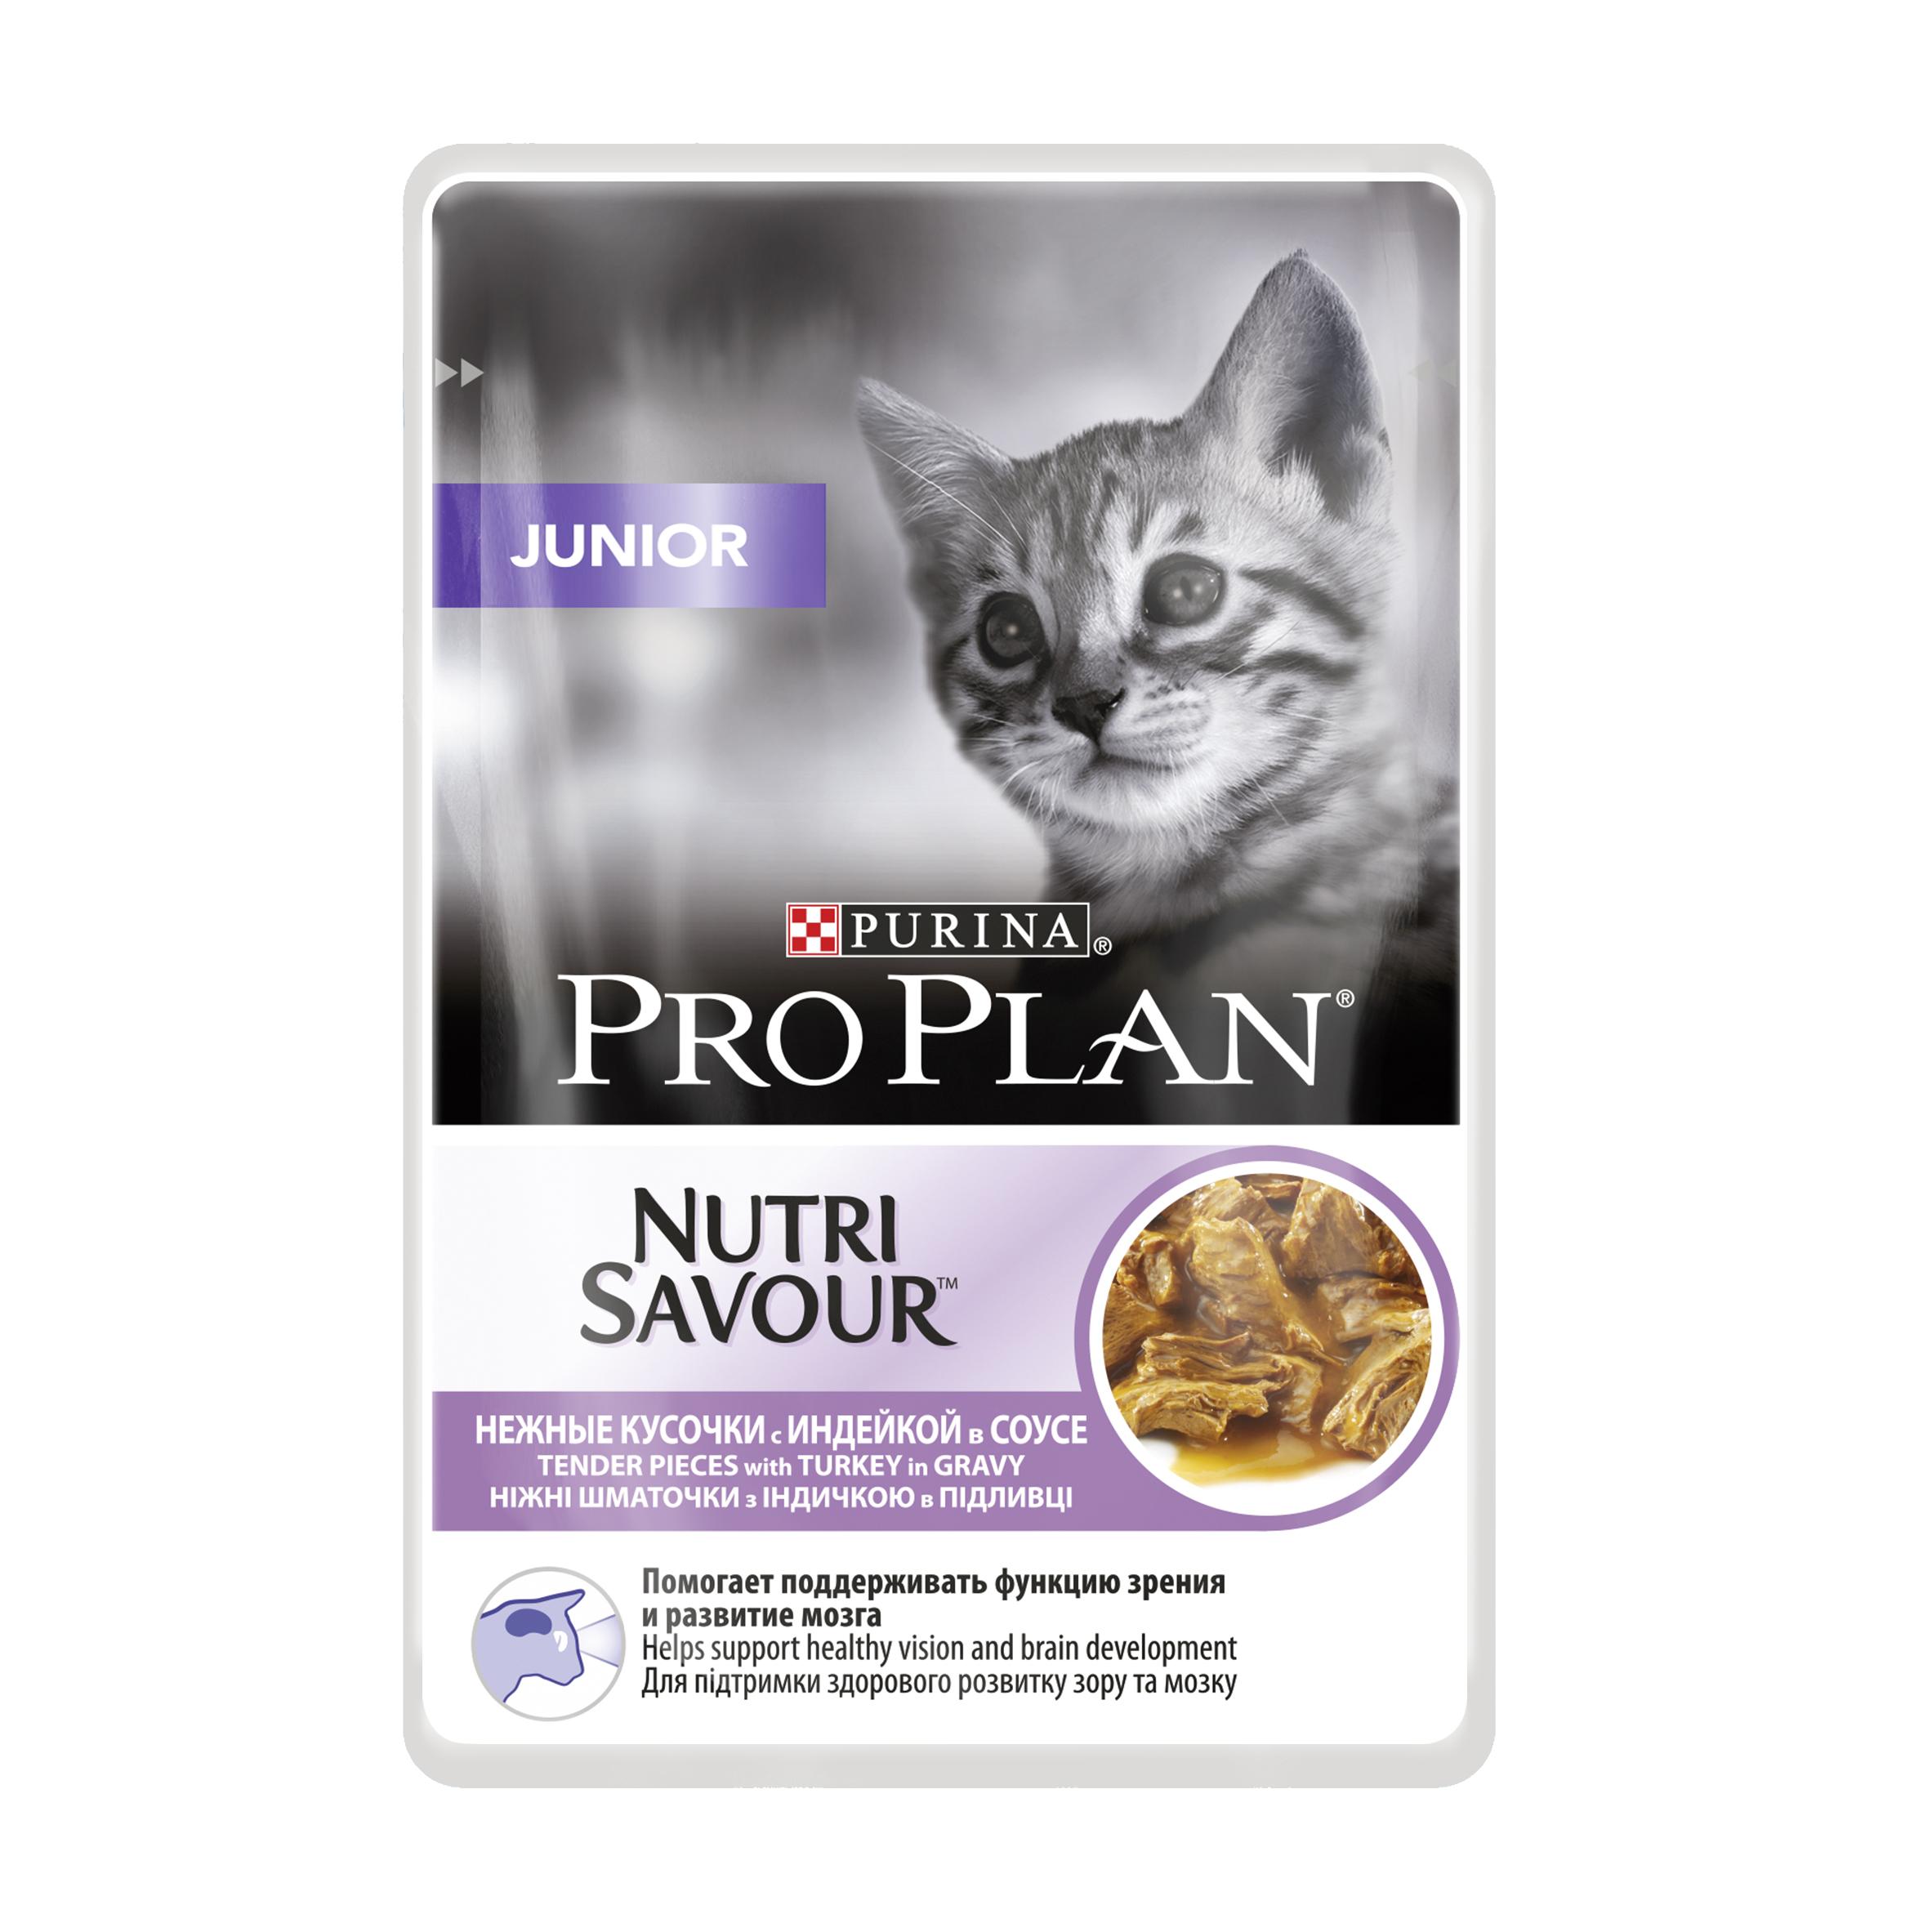 Консервы для котят Pro Plan Junior, с индейкой, 85 г75273Консервы Pro Plan Junior помогает поддерживать хорошее зрение и способствует развитию мозга. Специально разработанные нежные кусочки в соусе для котят легко жевать. Рецептуракорма обеспечивает сбалансированное питание благодаря содержанию всех необходимых питательных веществ для здорового развития растущих котят. Высокое содержание белка и оптимальный состав минеральных веществ способствуют здоровому развитию костей и мышечной массы котенка.Состав: мясо и мясные субпродукты (в том числе индейка 4%), экстракты растительных белков, рыба и рыбные субпродукты, субпродукты растительного происхождения, минеральные вещества, растительные и животные жиры, красители, различные сахара, витамины. Добавленные вещества (МЕ/кг): витамин A 1329, витамин D3 185, витамин E 295, таурин573, железо 12,68, йод 0,48, медь 1,21, марганец 2,22, цинк 34,35, селен 0,028. Гарантируемые показатели: влажность 78,0%, белок 12,5%, жир 4,0%, сырая зола 2,4%,сырая клетчатка 0,3%, ДГК 0,01%. Товар сертифицирован.